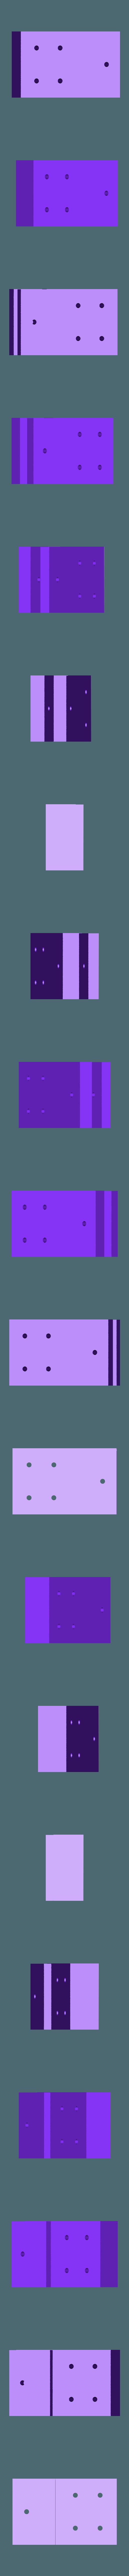 test_v1_test_v1_Component10_1_Body2_Component10.stl Télécharger fichier STL gratuit Test de la machine vibrante • Design imprimable en 3D, TinkersProjects